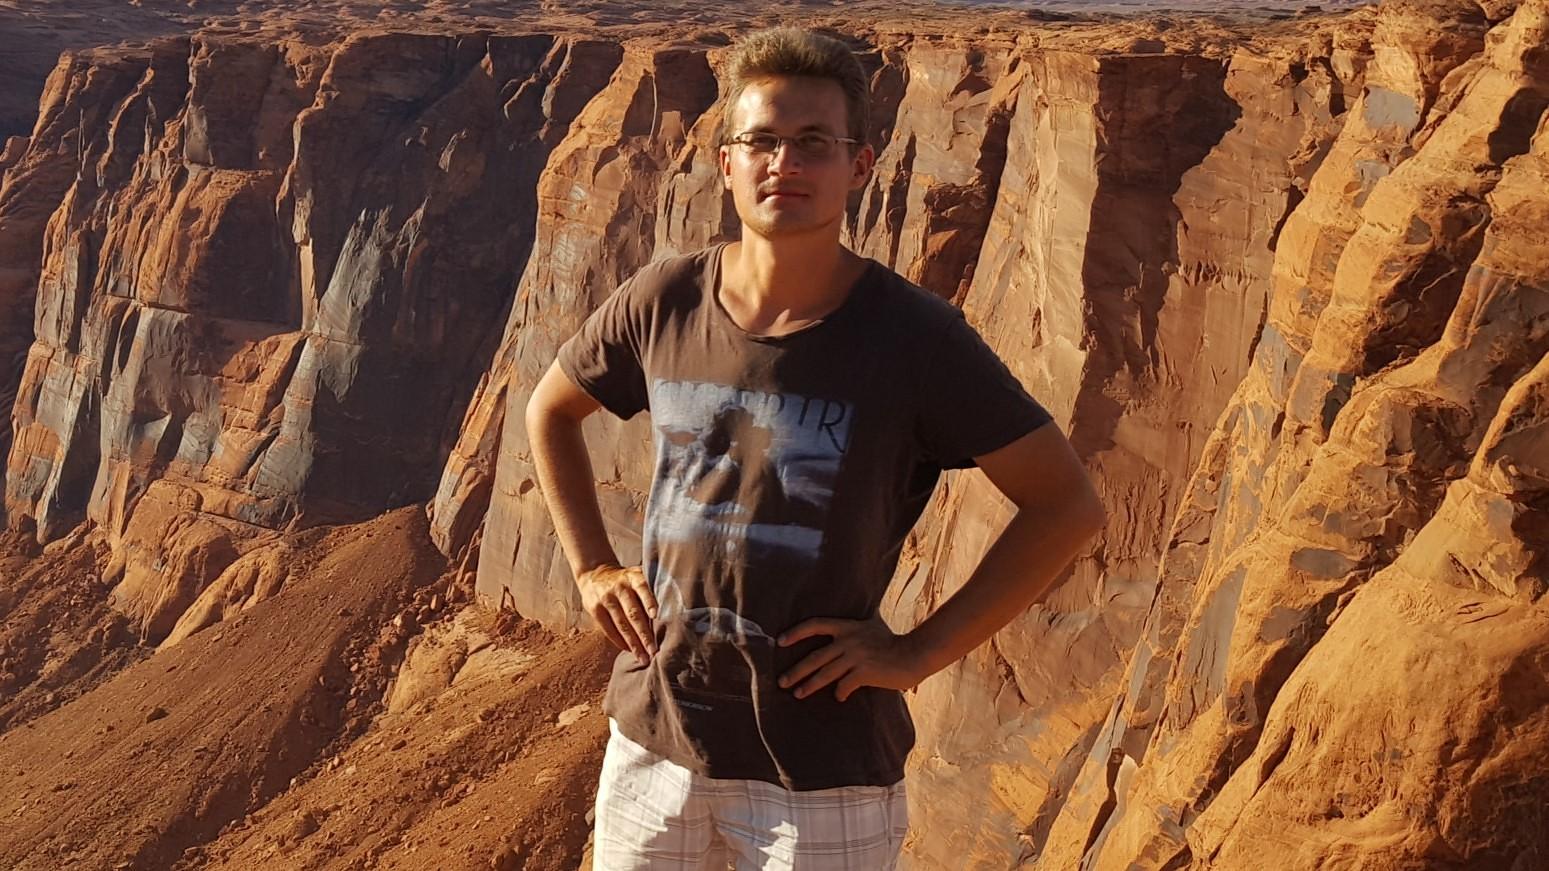 Daumants Vidiņš: Cilvēks pret dabu ir bezspēcīgs